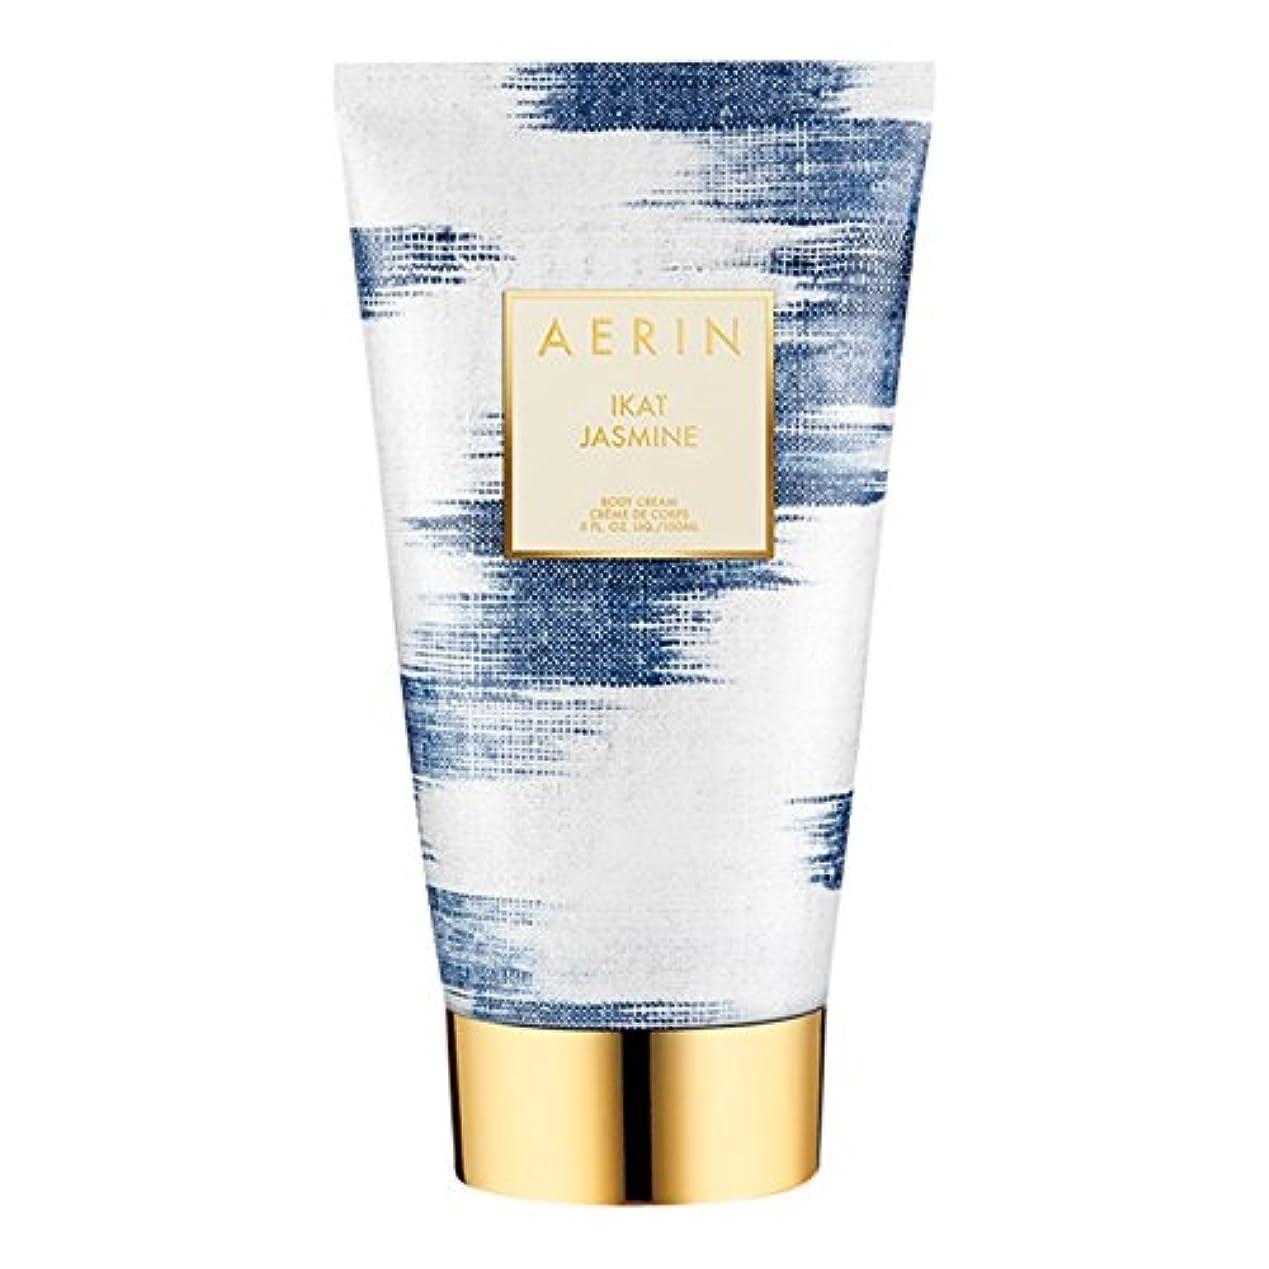 アート代わりにを立てるシーフードAerinイカットジャスミンボディクリーム150ミリリットル (AERIN) - AERIN Ikat Jasmine Body Cream 150ml [並行輸入品]